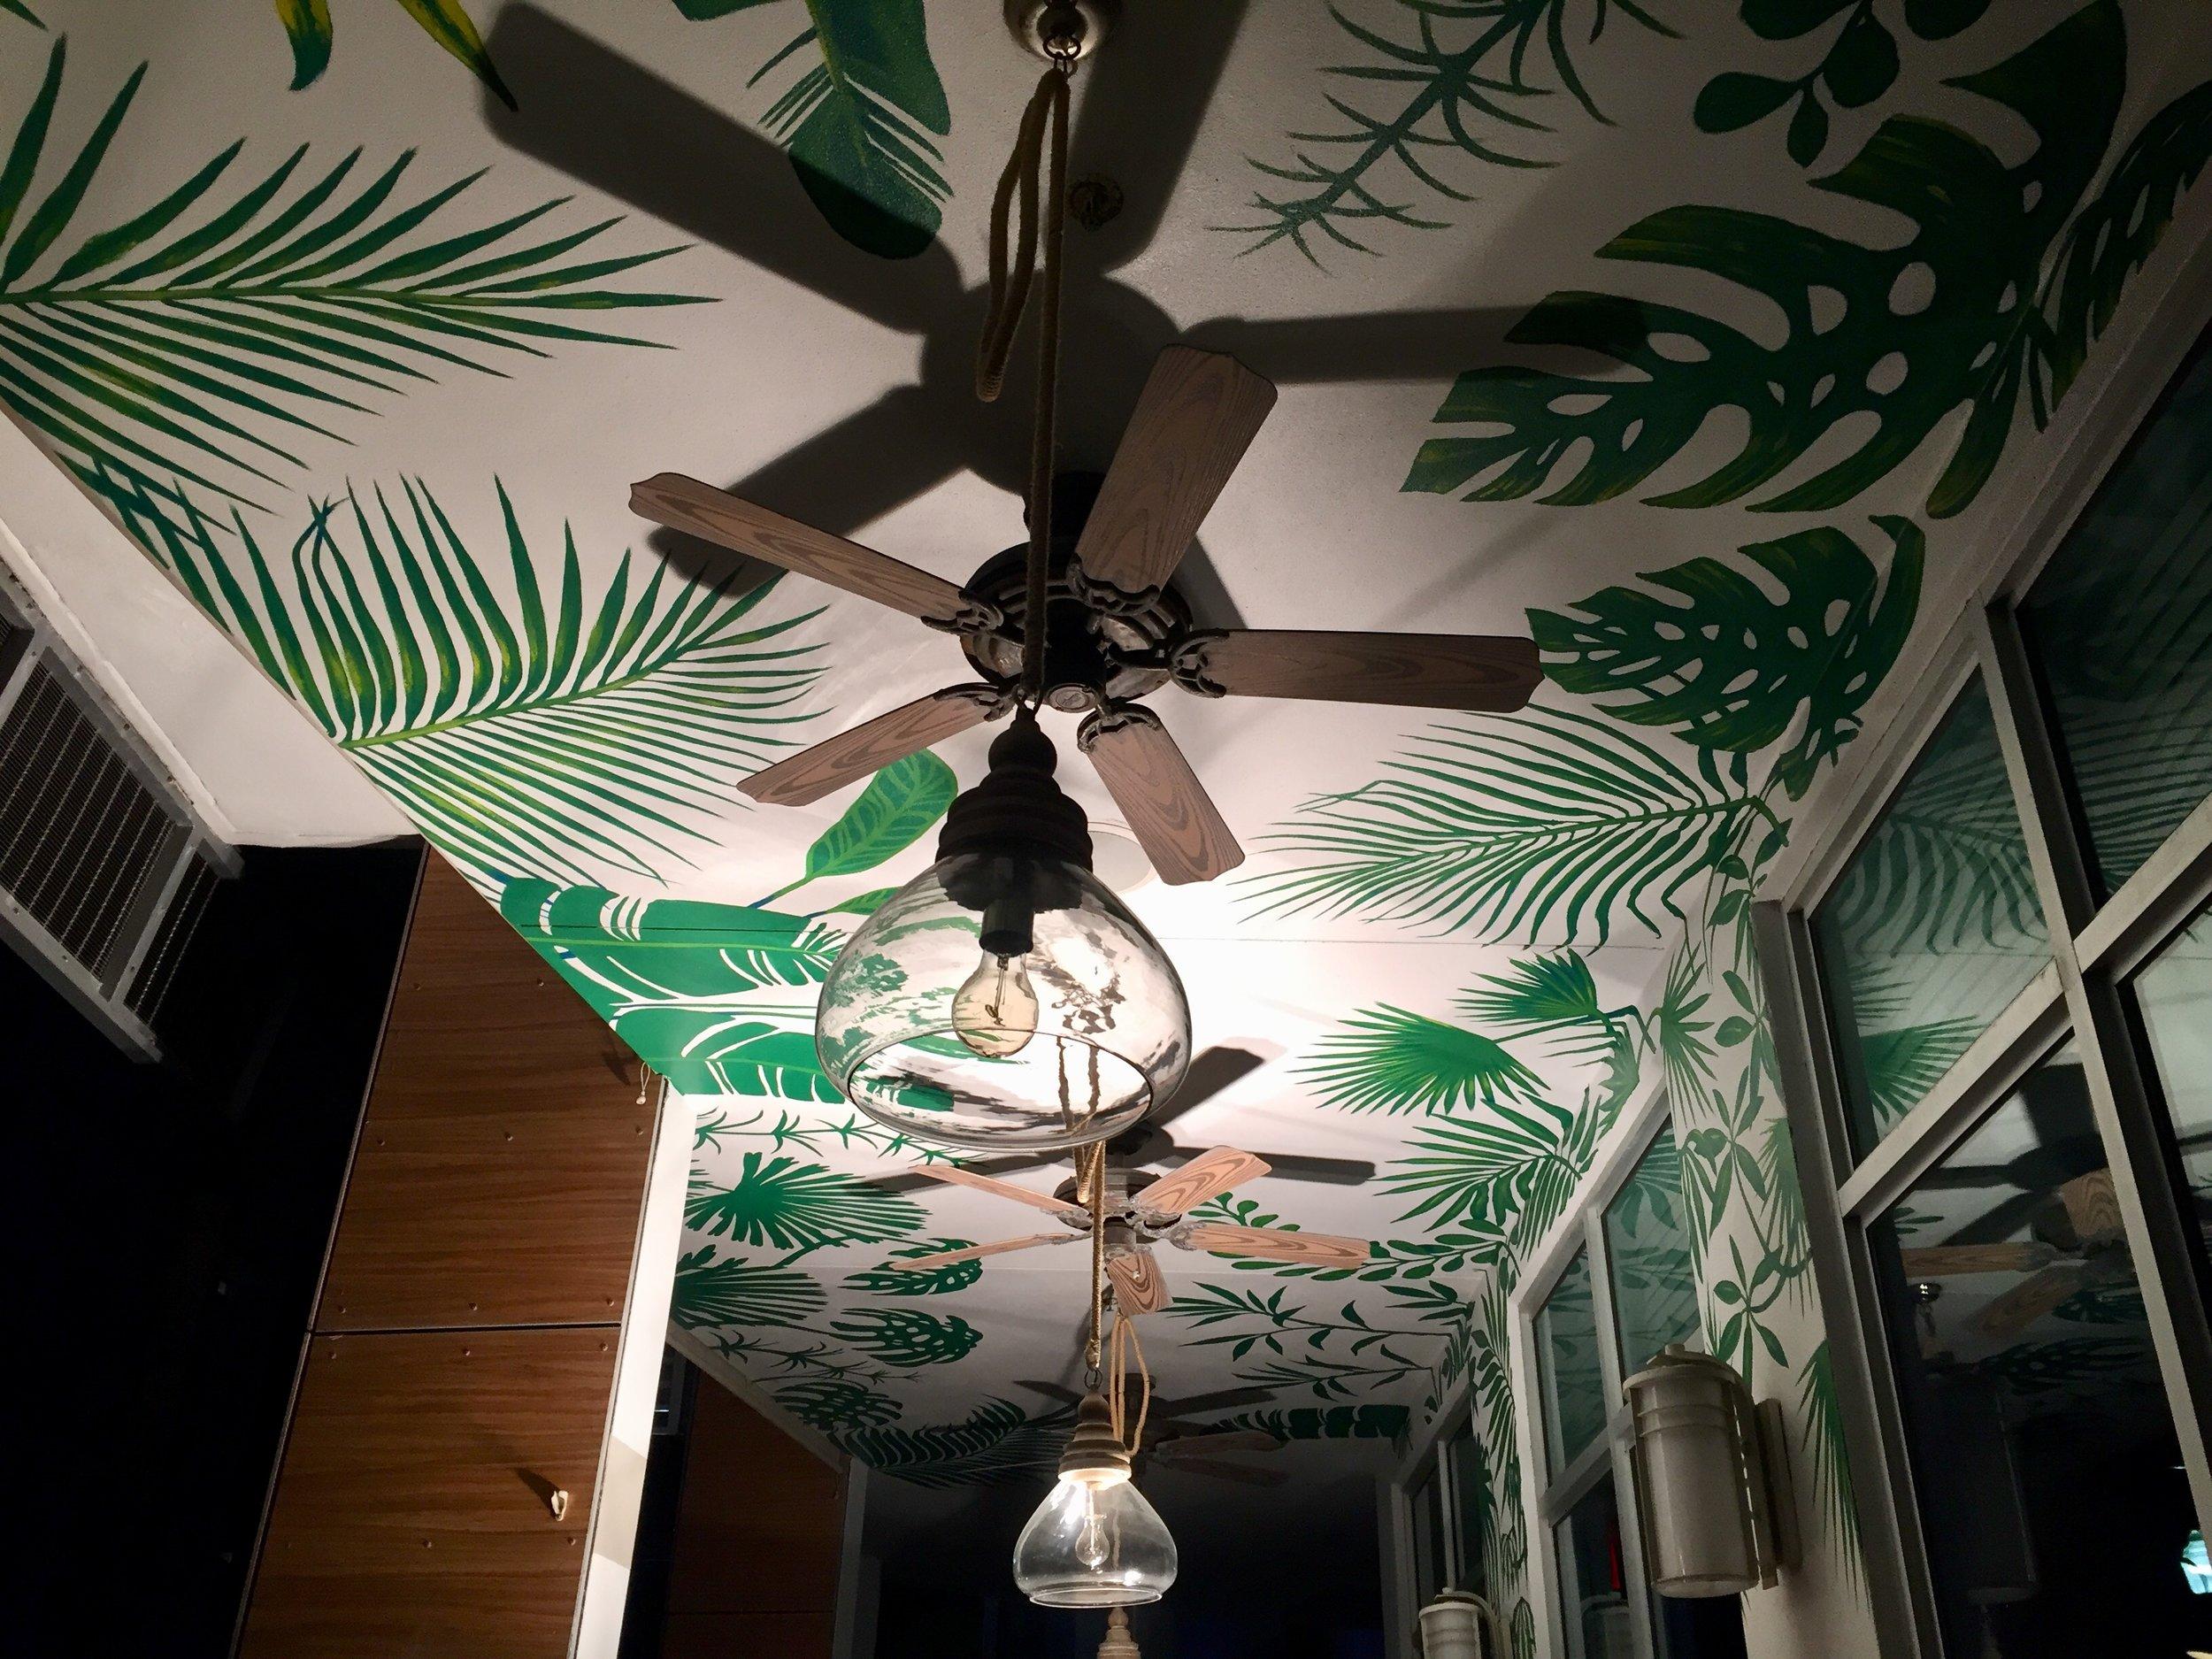 Sense Beach House / The Local House Ceiling Mural - Ocean Drive Miami Florida